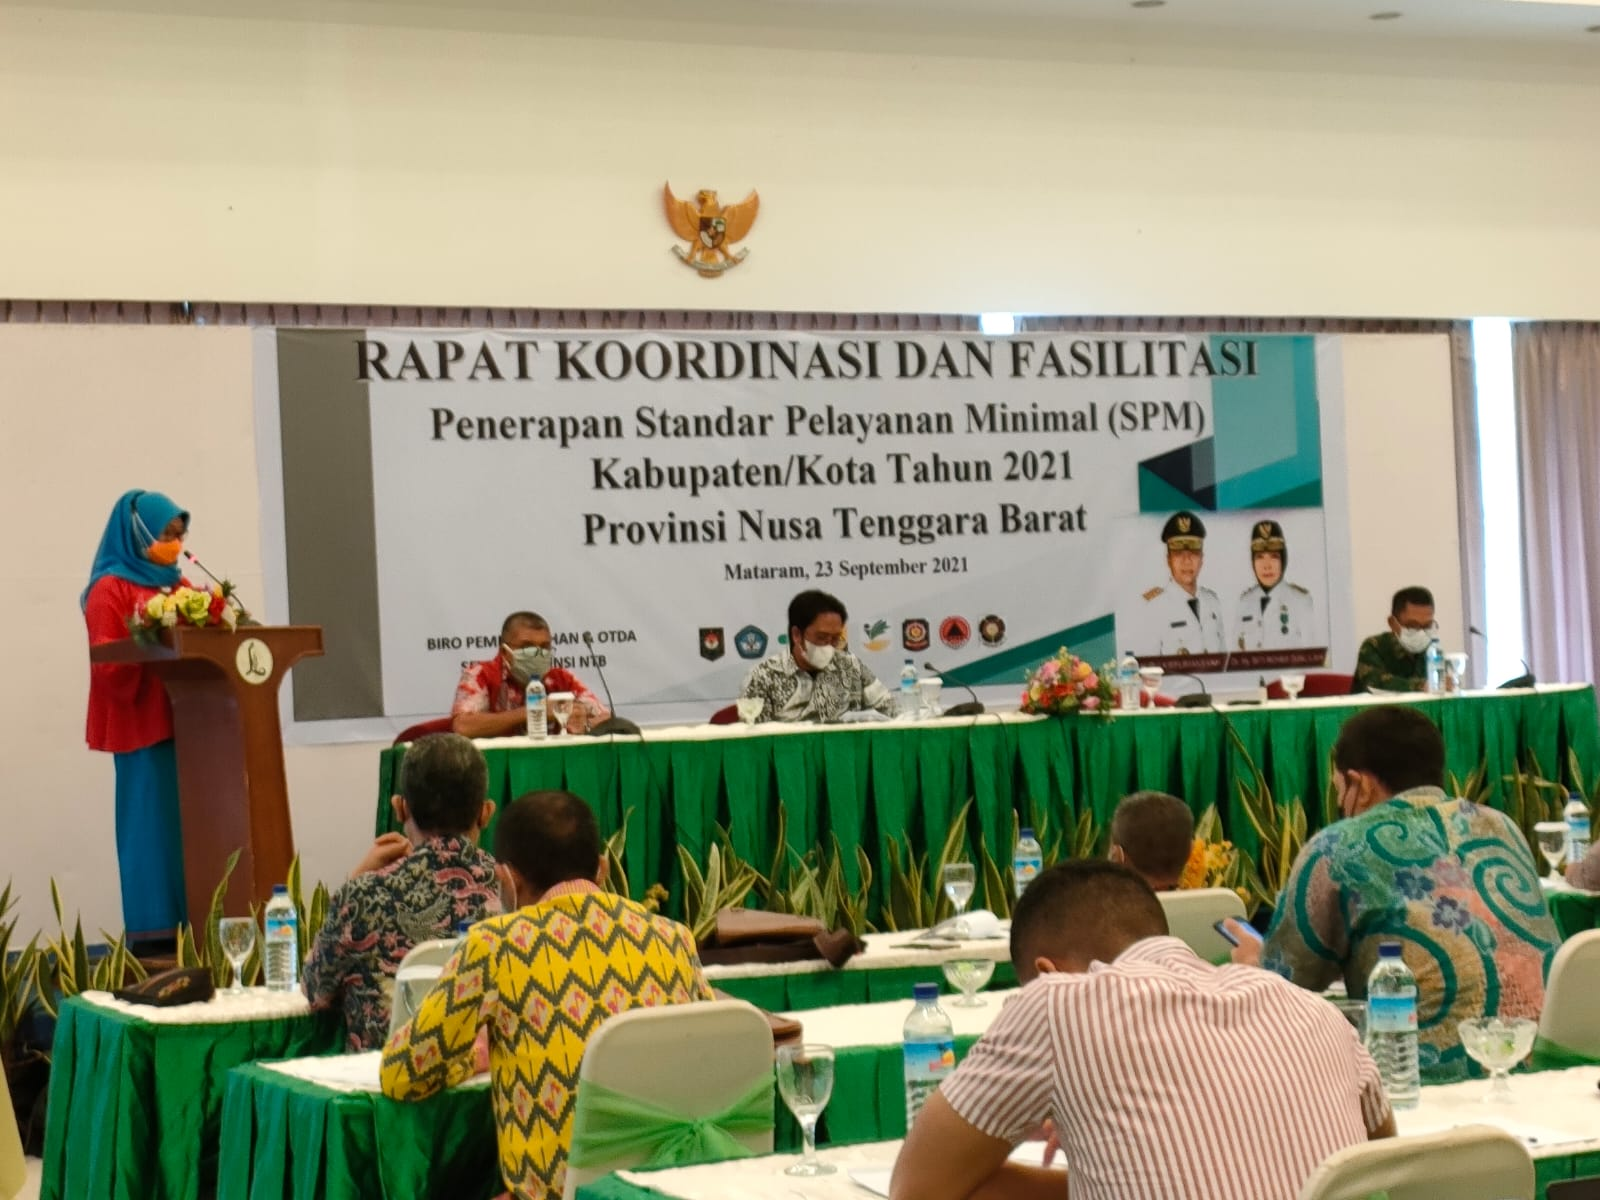 Rapat Koordinasi dan Fasilitasi Penerapan Standar Pelayanan Minimal (SPM) Kabupaten/Kota Tahun 2021